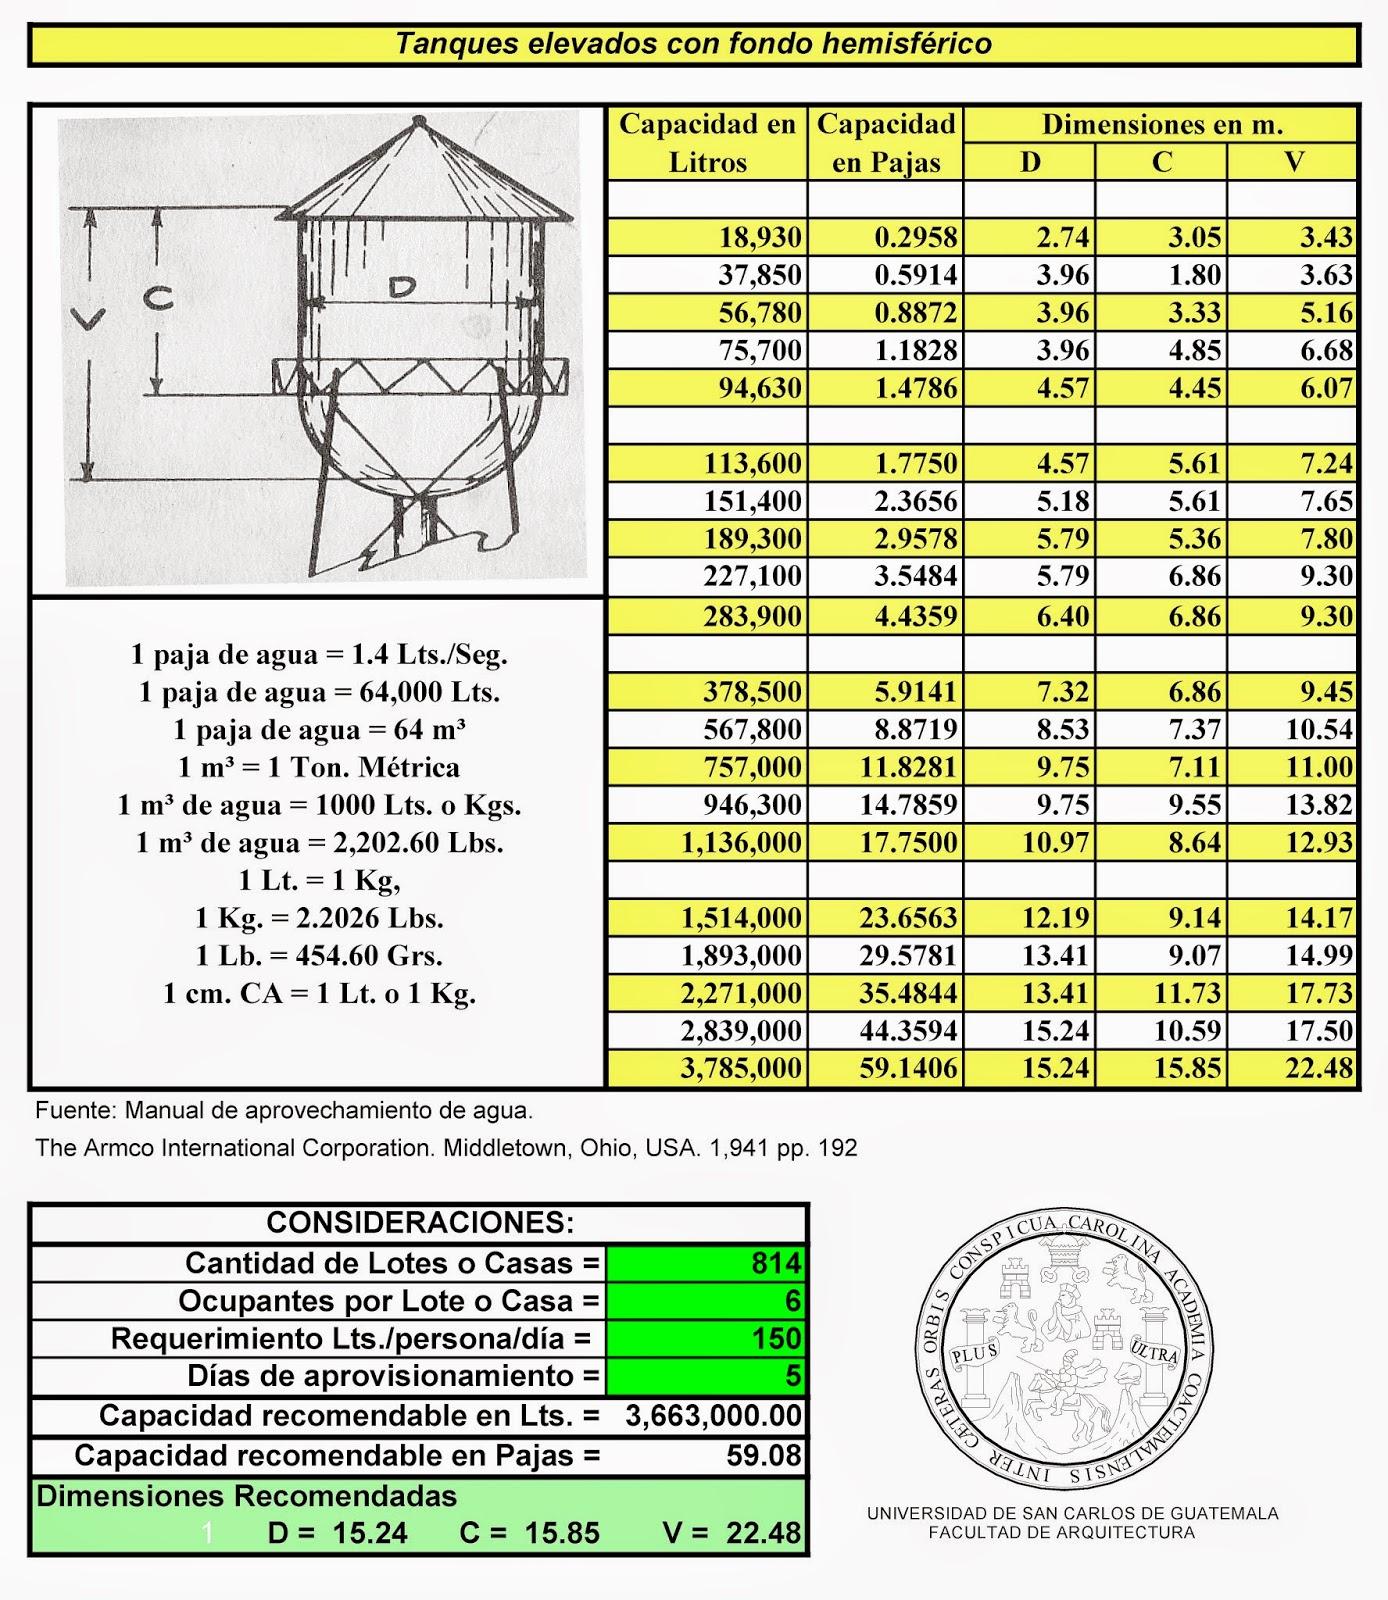 Farusac remoto tanque elevado de fondo hemisf rico for Tanques de agua medidas